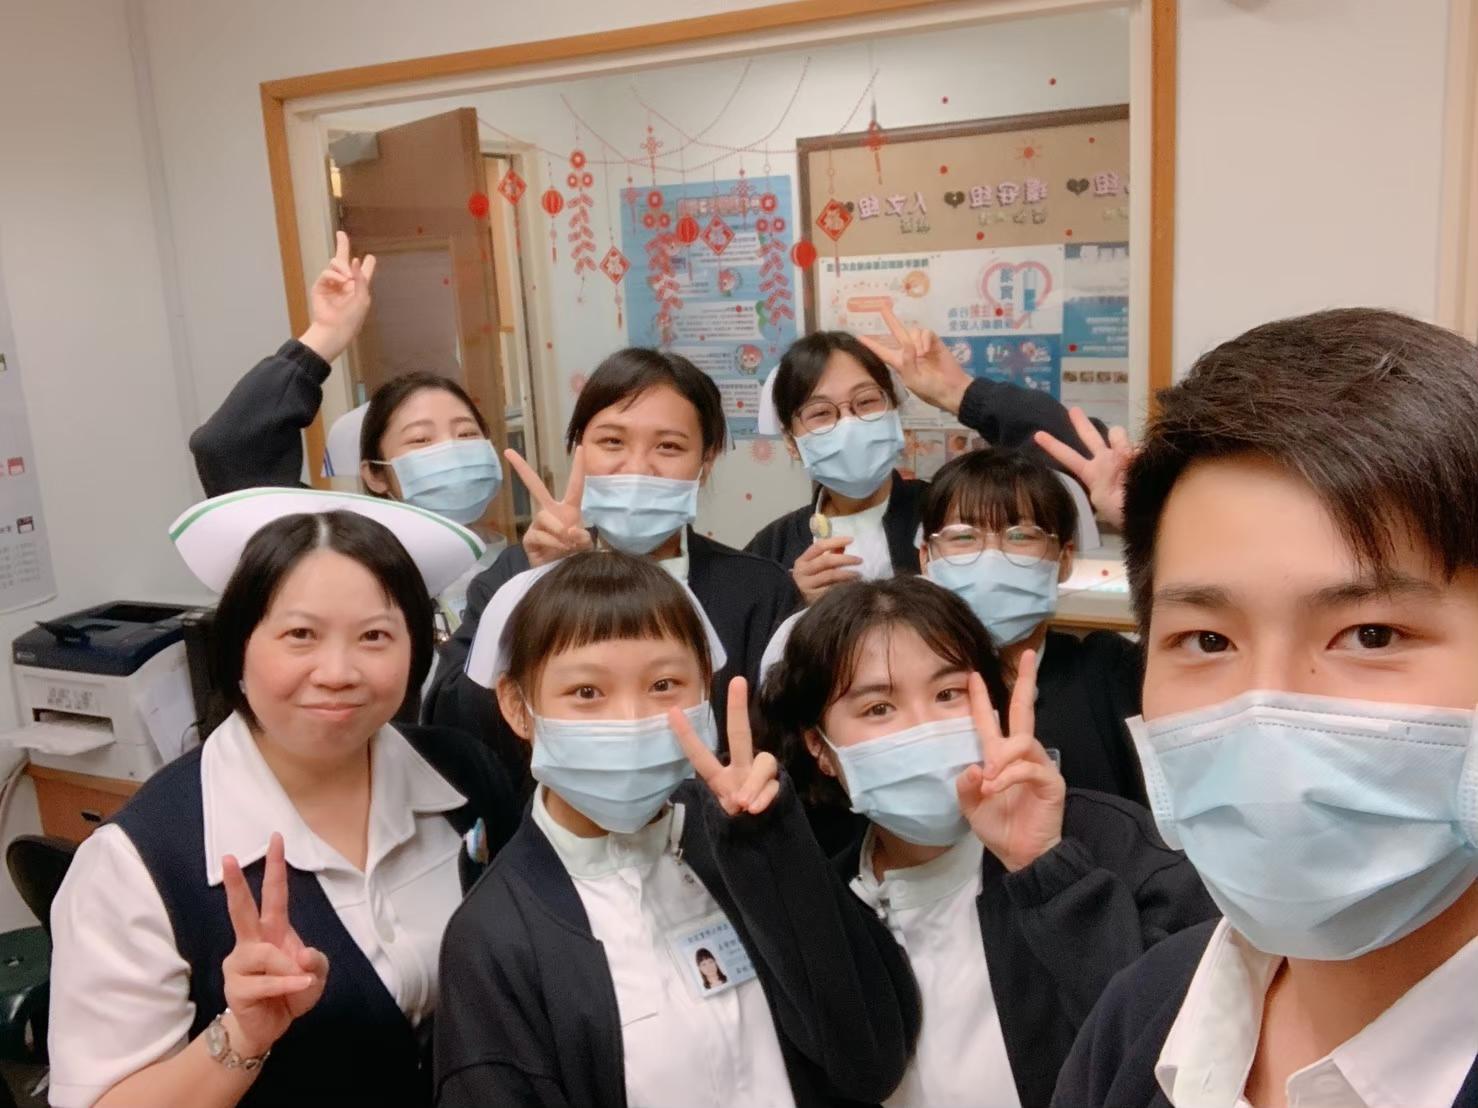 劉宸妡同學將跨文化的刺激運用在護理專業上,找出適當的照護方式